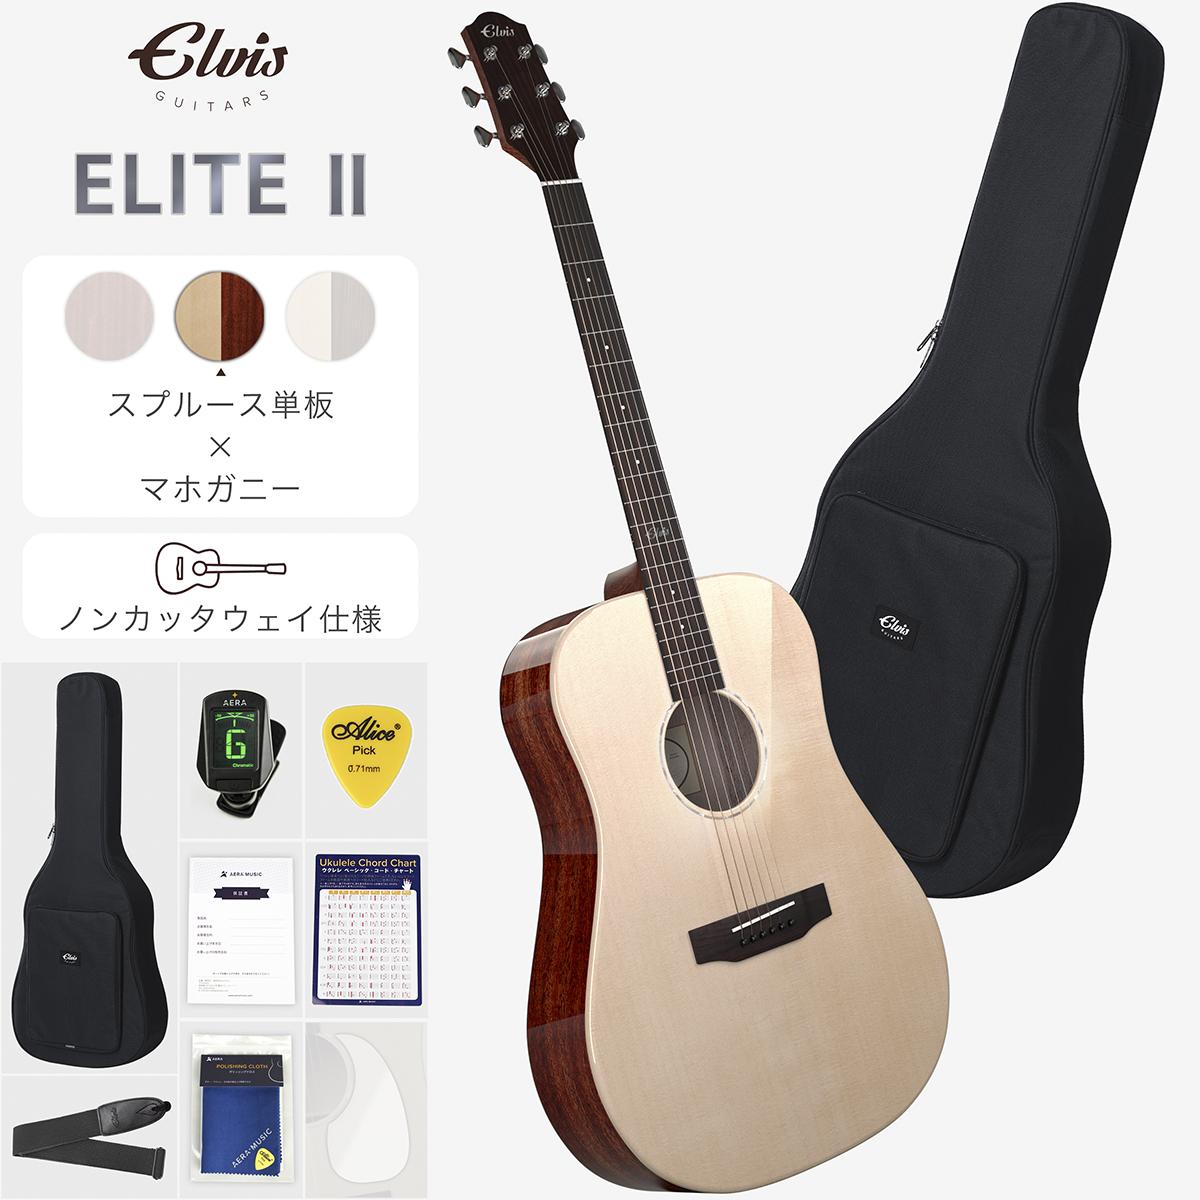 【今だけ10%OFF!】ELVISエルビス Elite2(エリート2)アコースティック ギター【スプルース材トップ単板×マホガニー材】【ノンカッタウェイ仕様】【付属品8点セット:国内保証書・チューナー・ピックガード・コードチャート・ピック・ストラップ・純正ギグバッグなど】